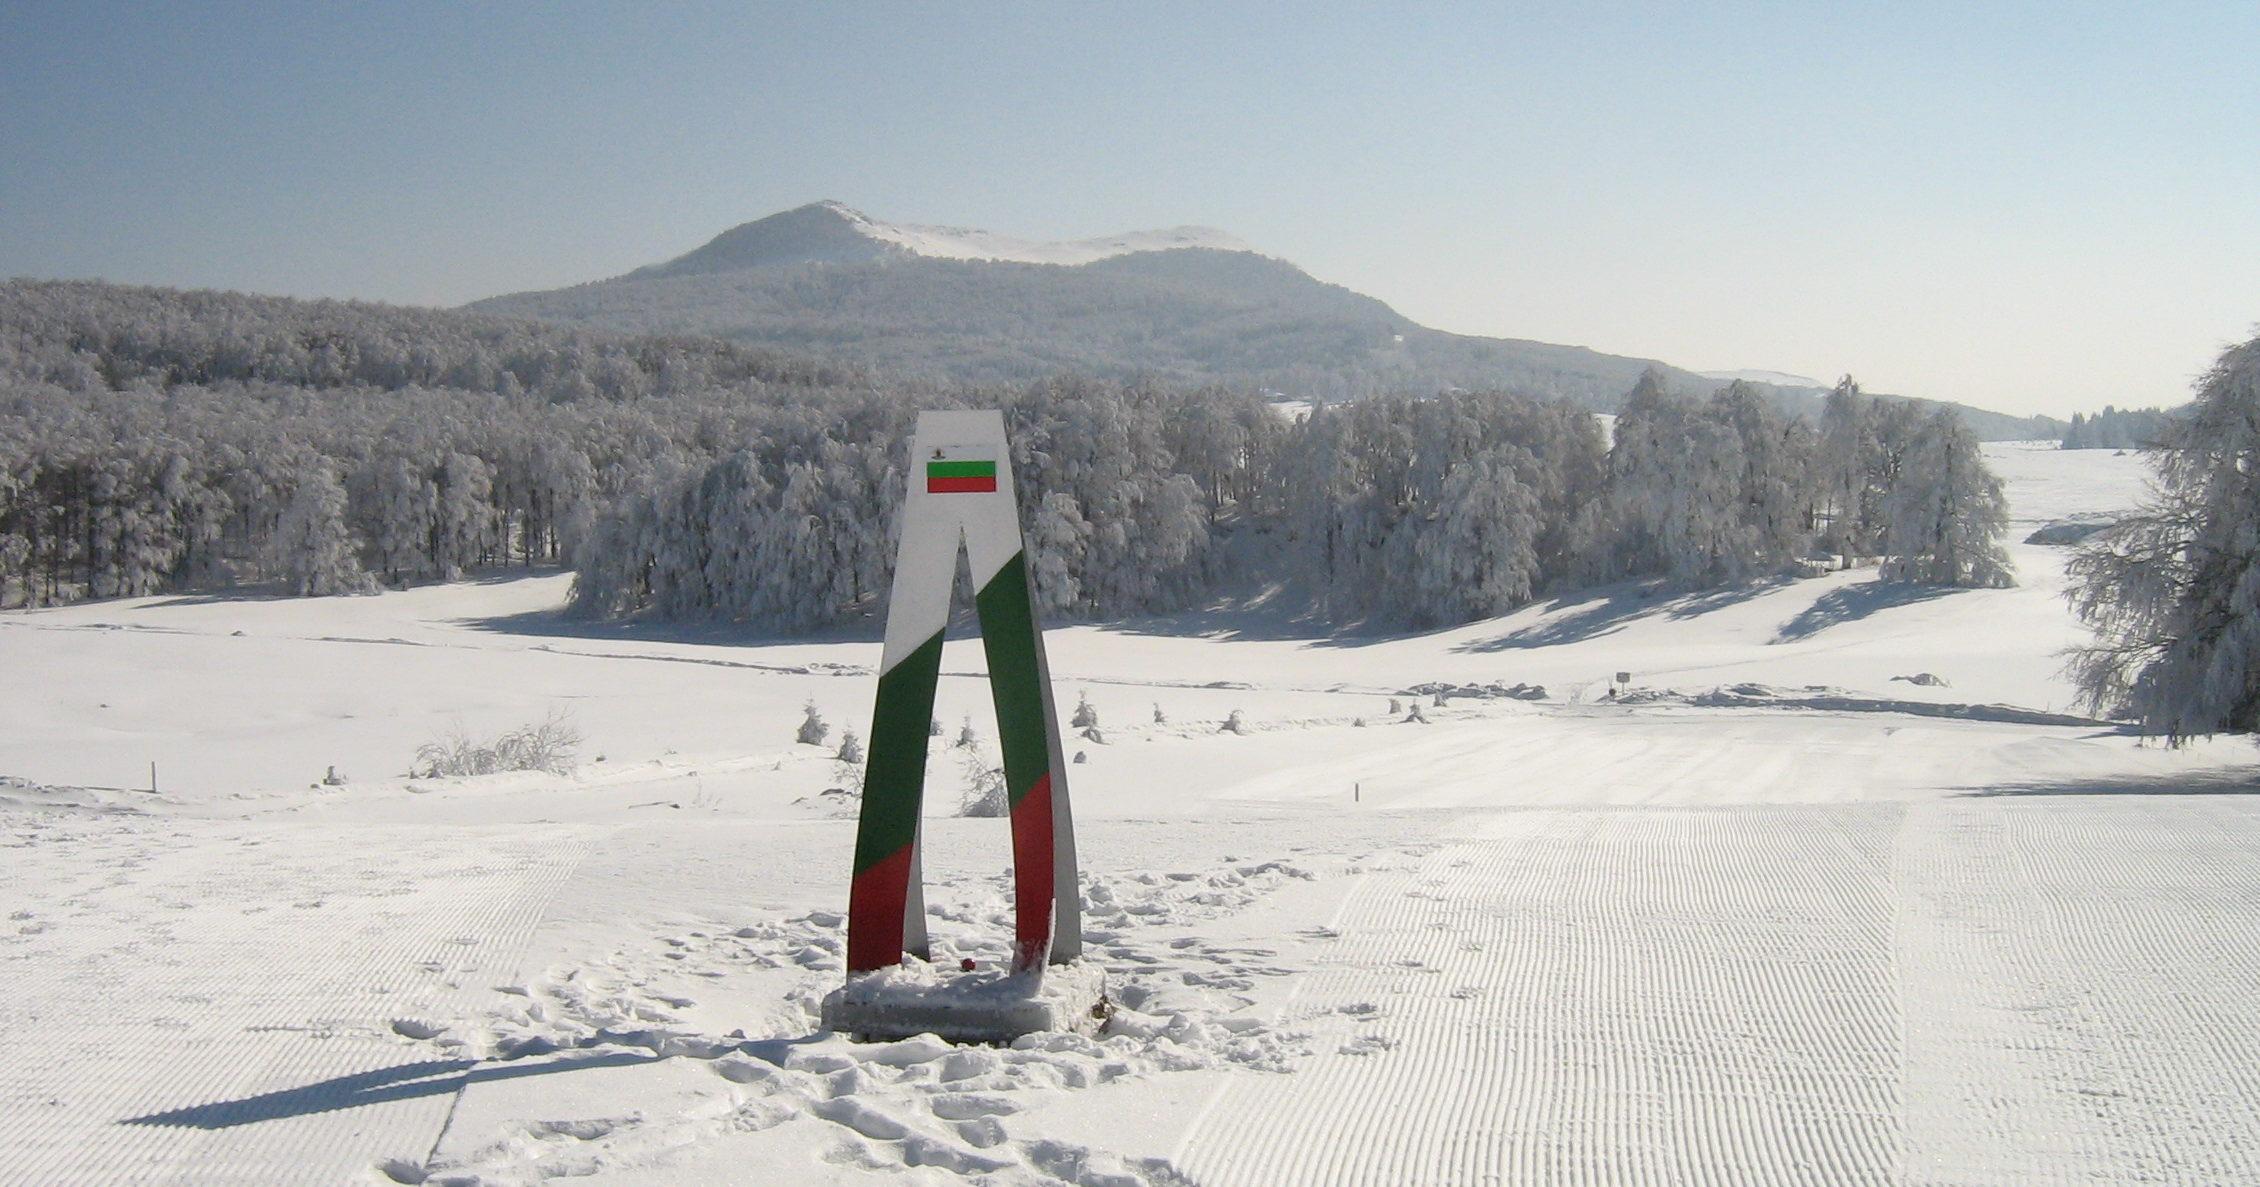 Горный курорт Узана находится среди вековых дубов и лесов на высоте 1420 м над уровнем моря.